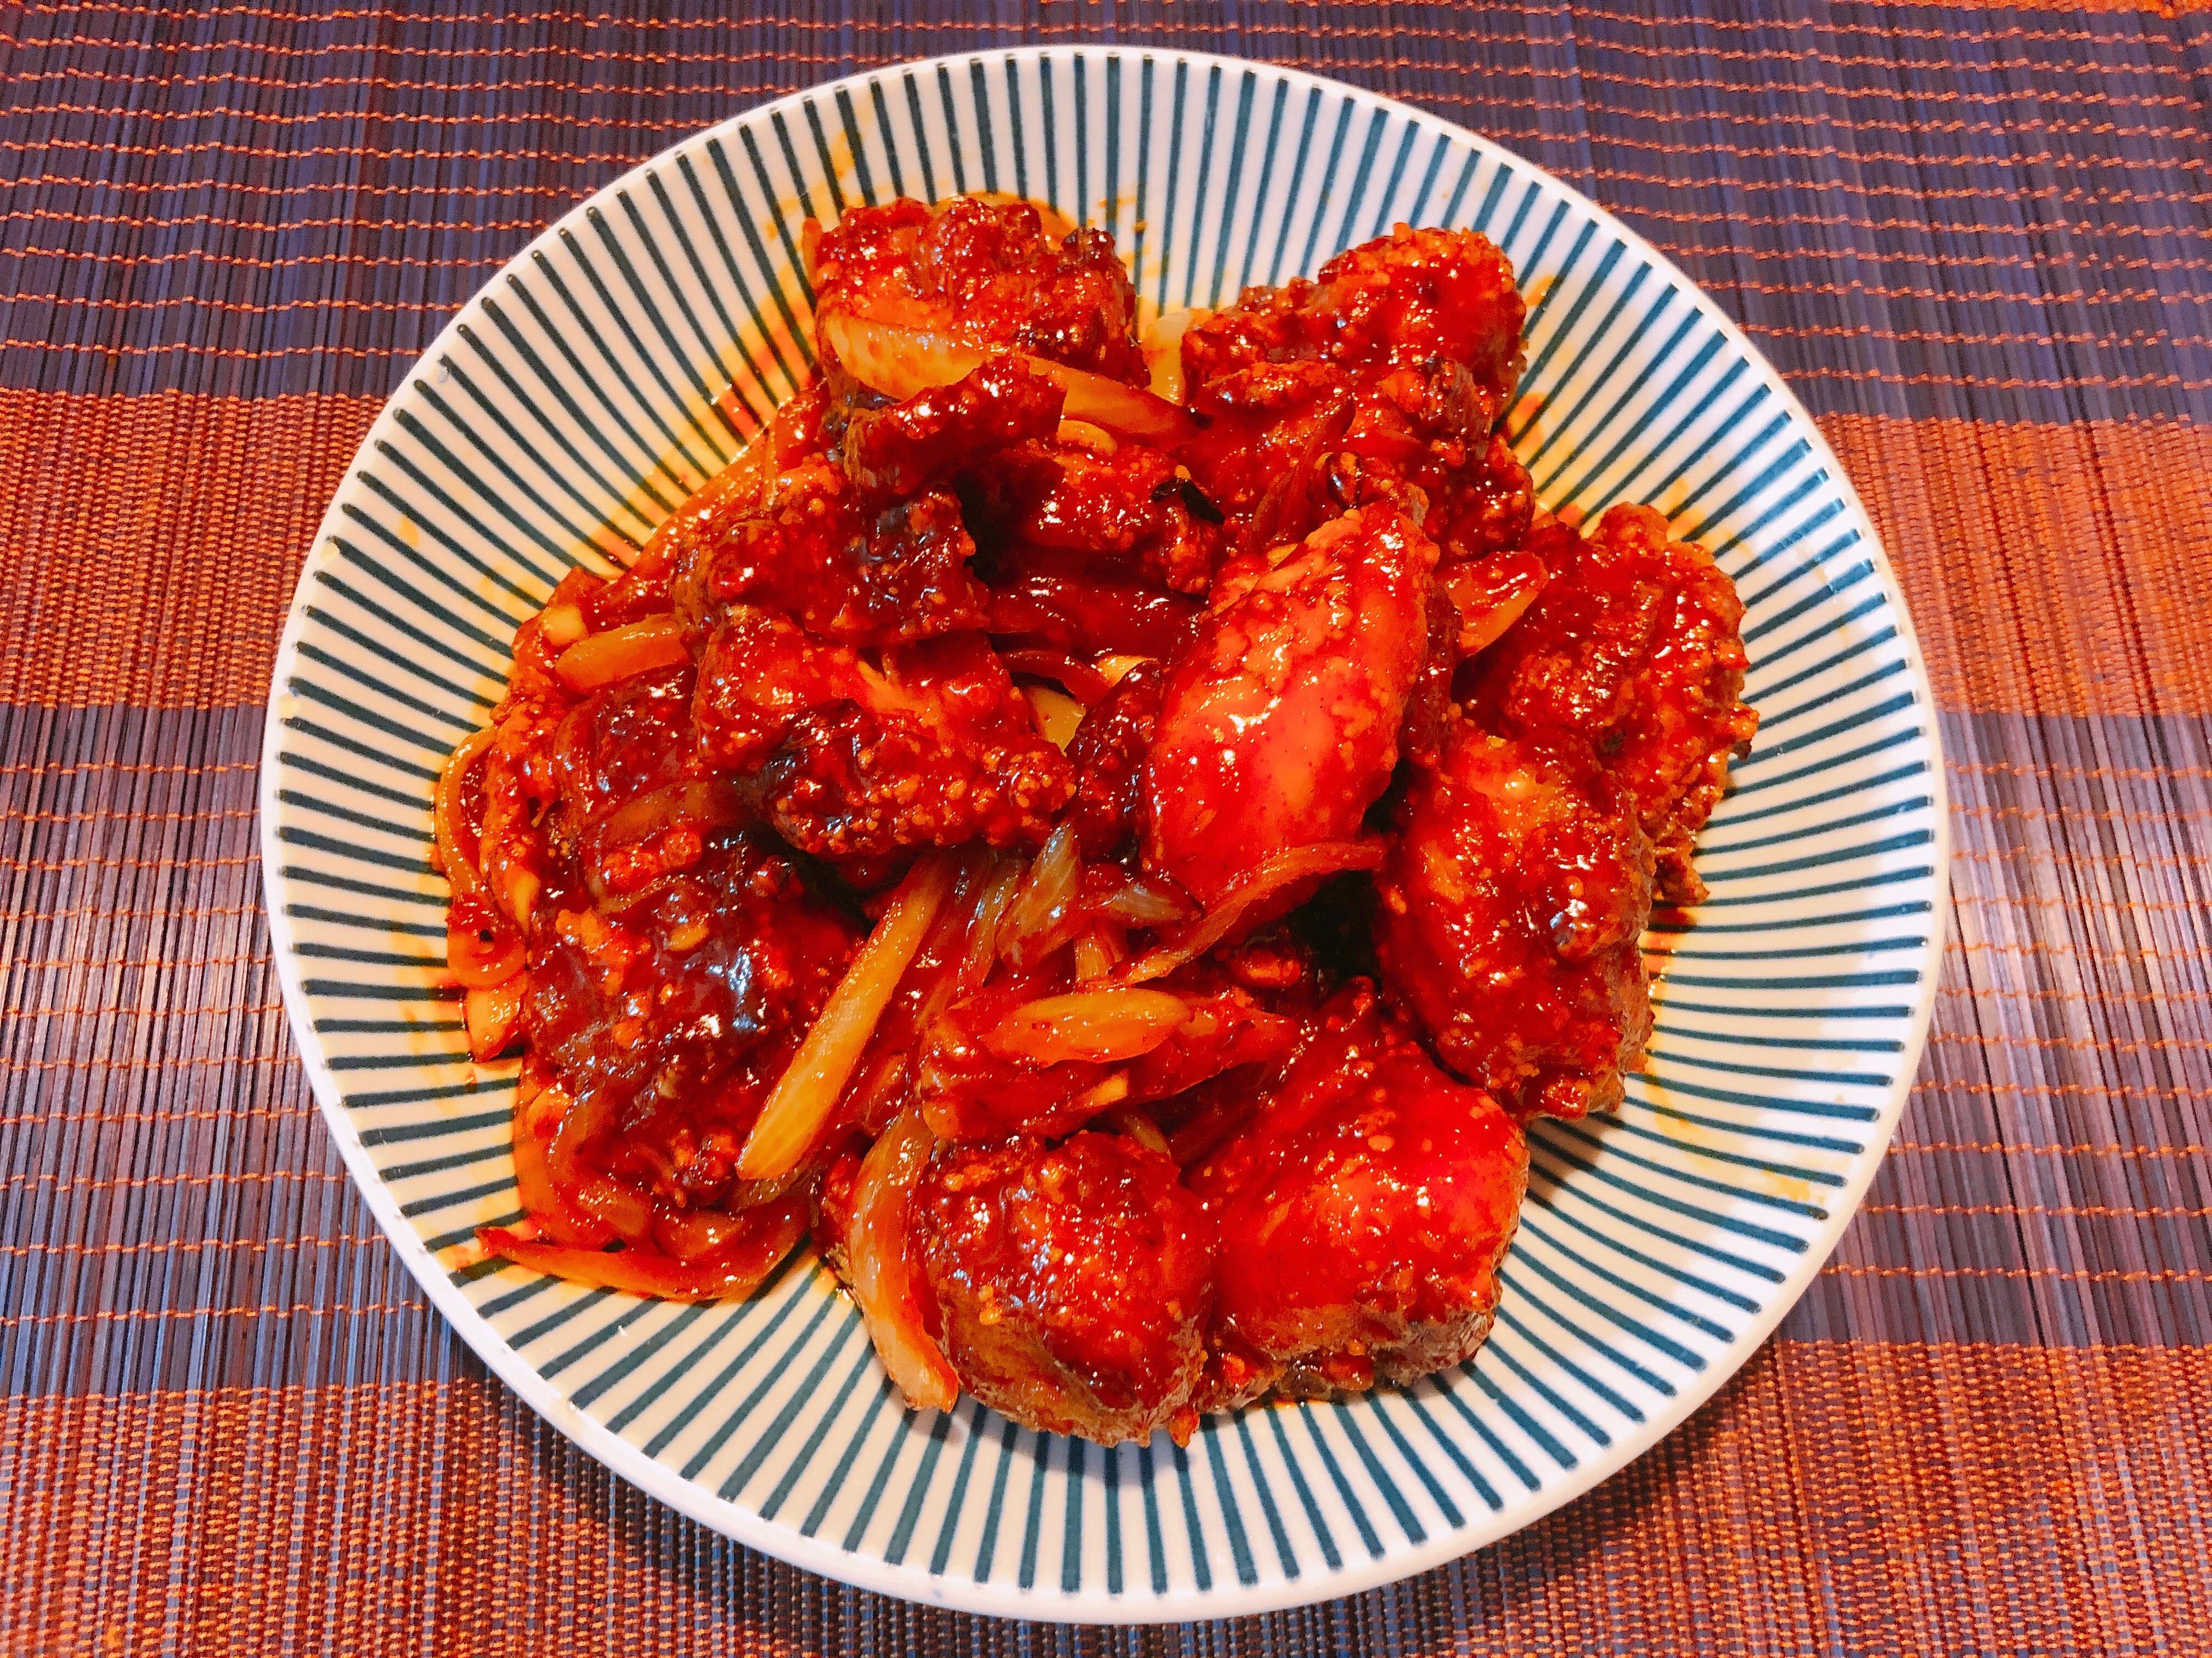 氣炸鍋料理-韓式炸雞